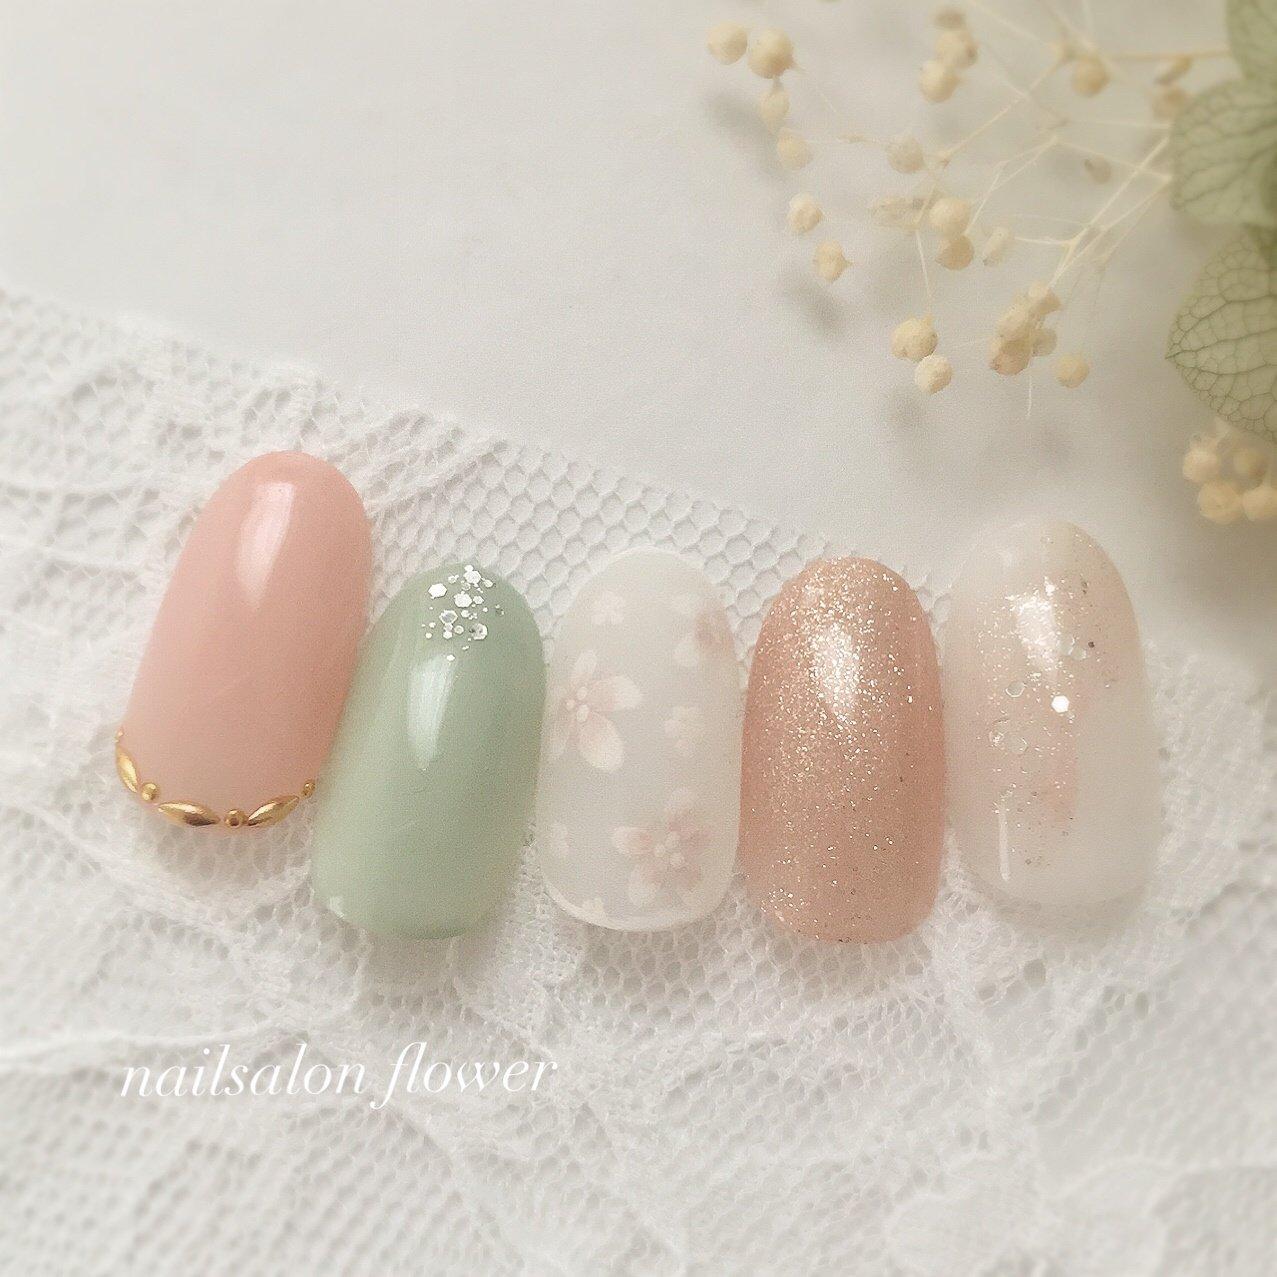 #ミントグリーン #春#フラワー #春 #夏 #ハンド #ホワイト #ピンク #グリーン #ジェル #nailsalon flower #ネイルブック